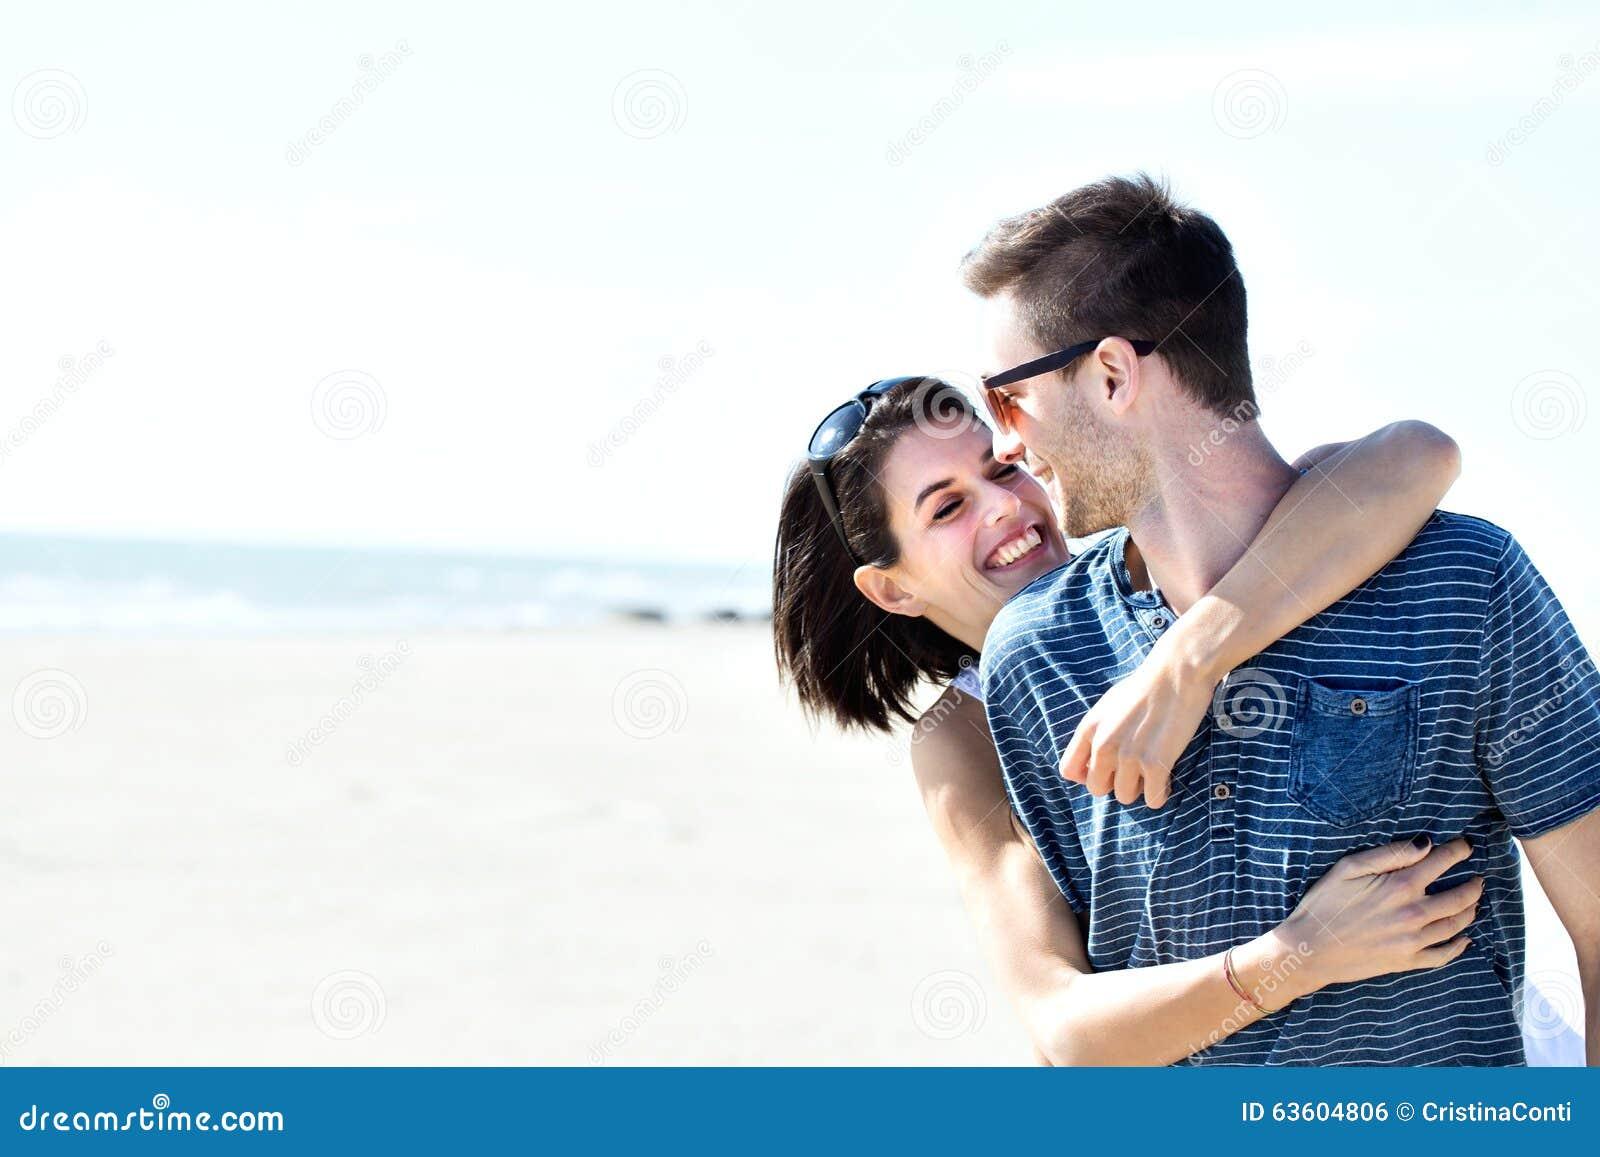 αγκάλιασμα dating 1on1 προξενιό